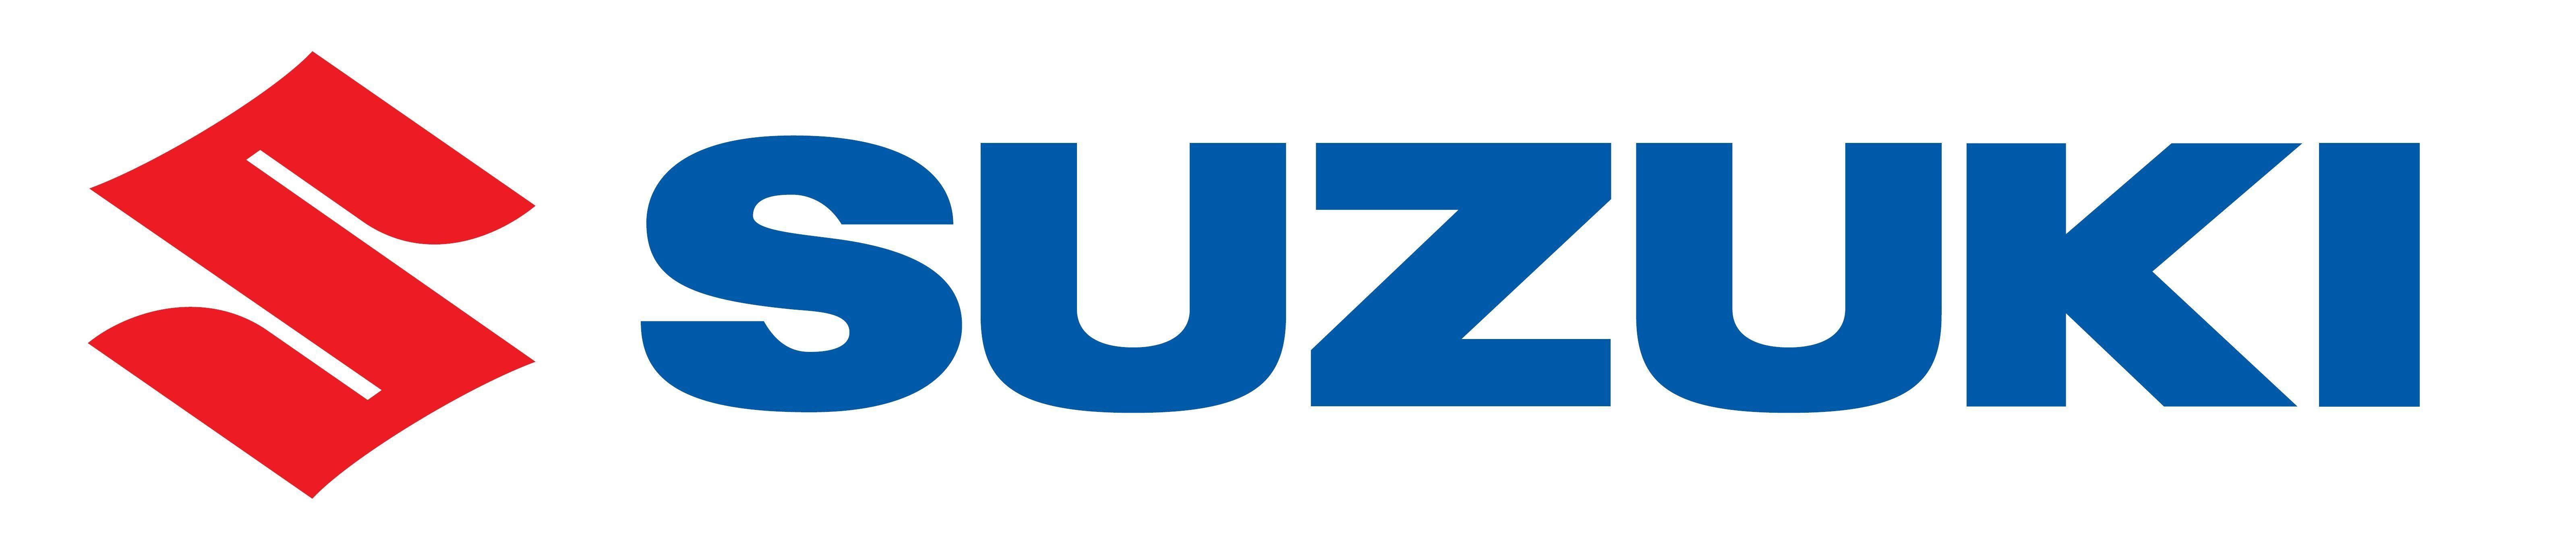 Logo Suzuki Voiture de sport Noir /Écusson brod/é /à thermocoller ou /à coudre